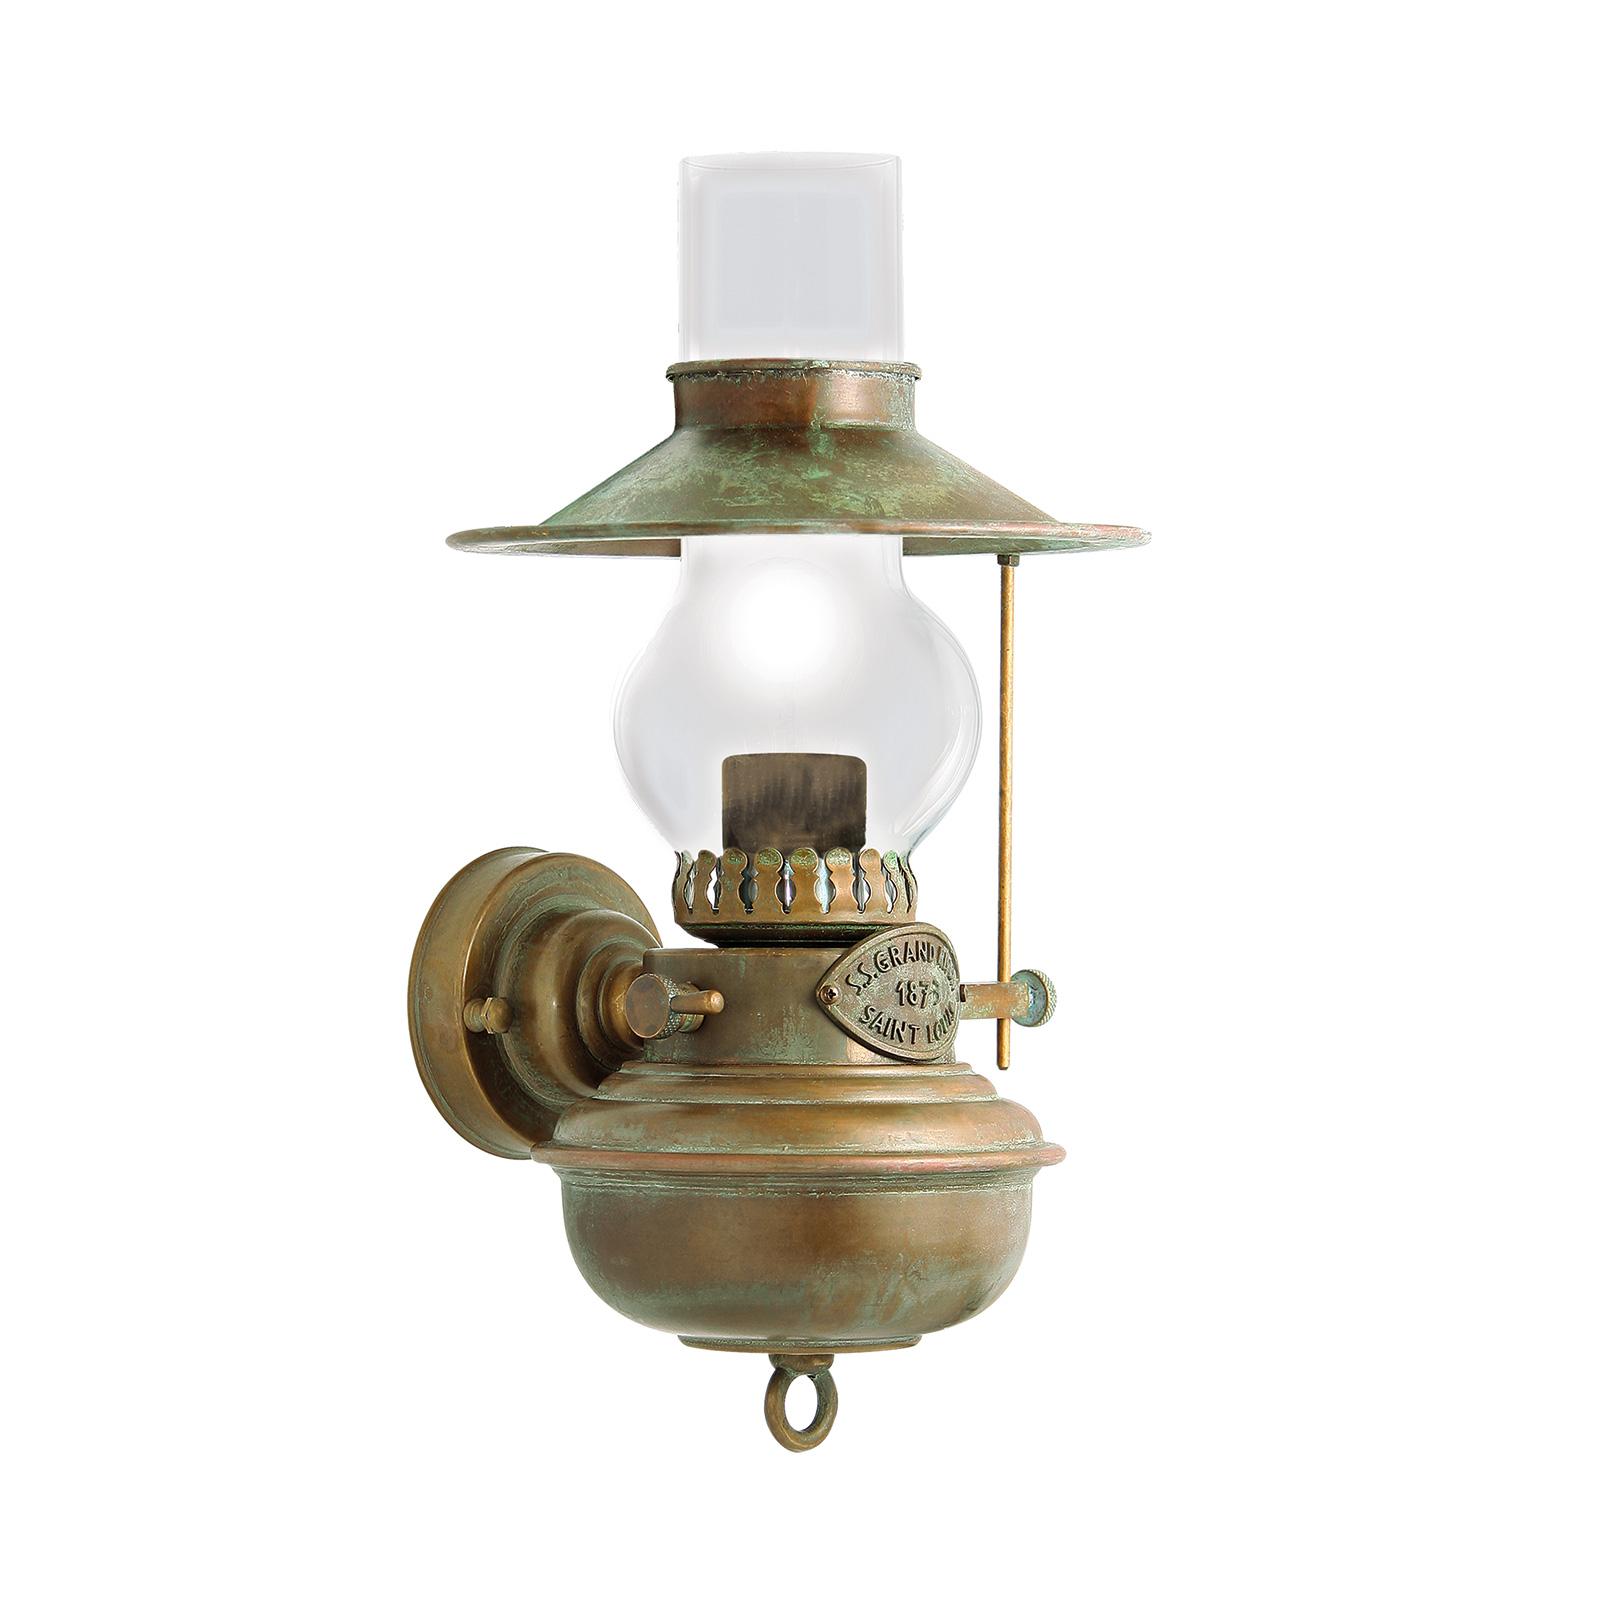 Applique Guadalupa style lampe à pétrole